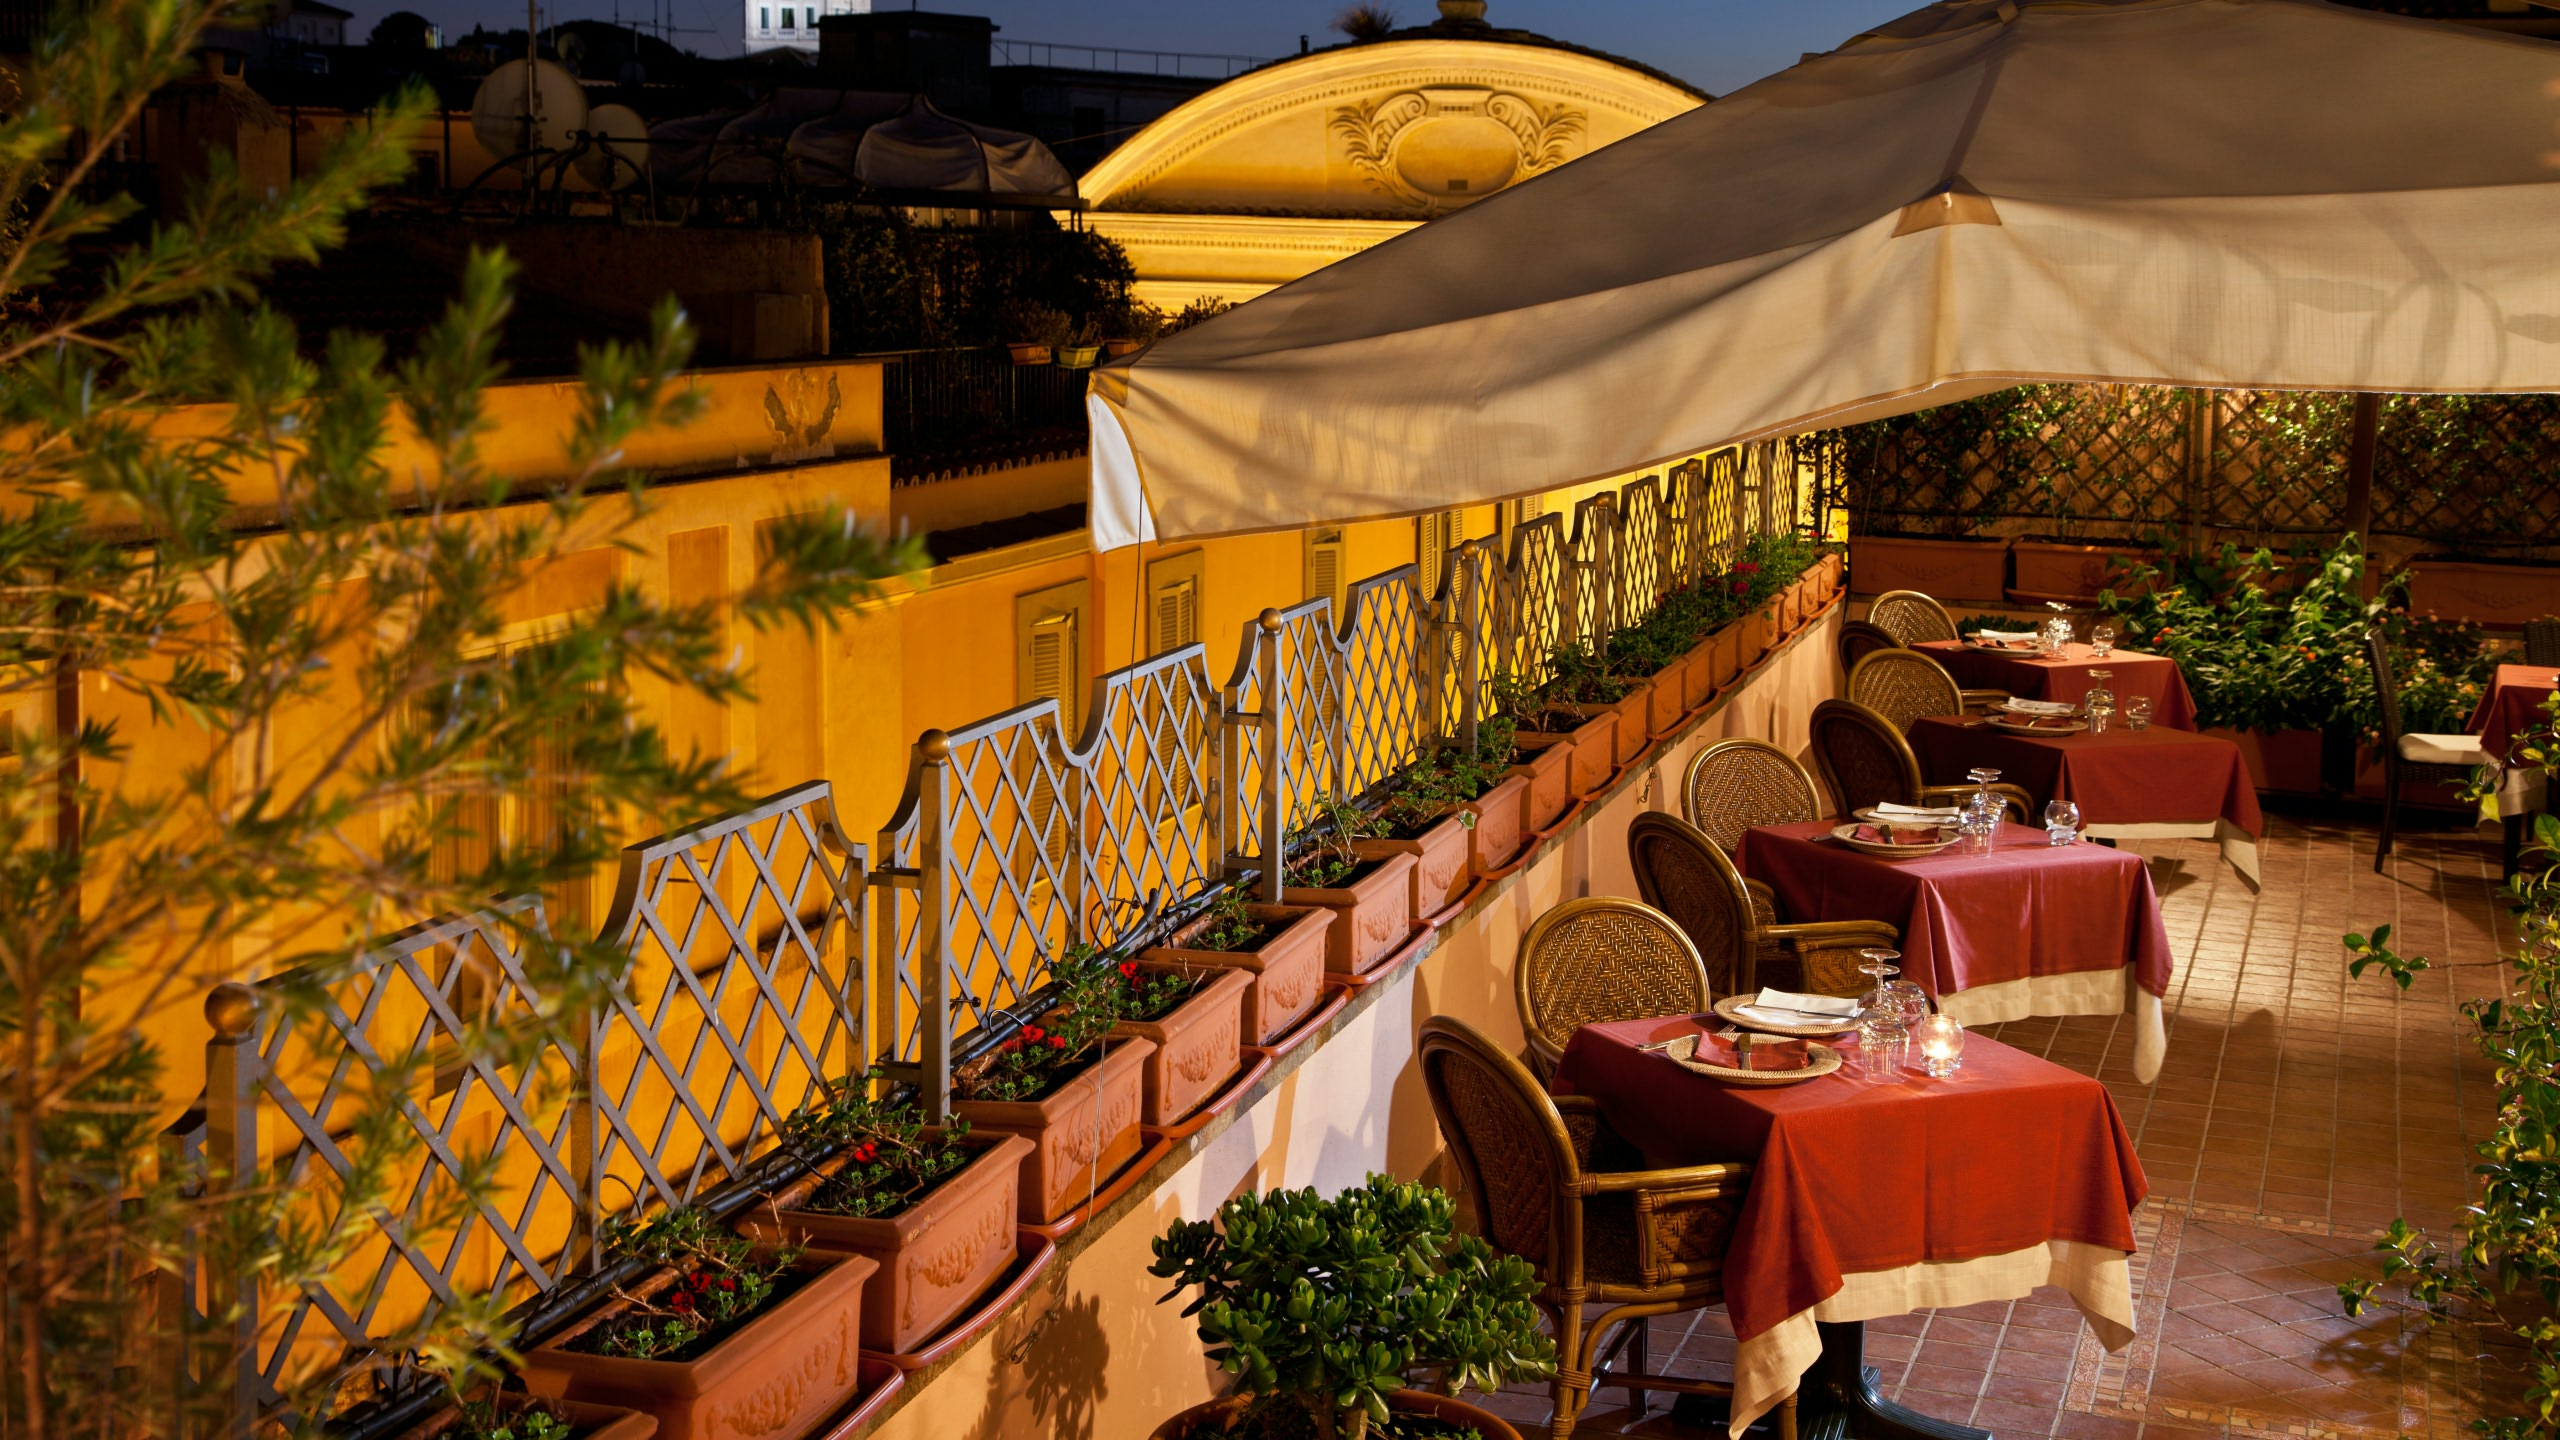 albergo-ottocento-rome-terrace-05